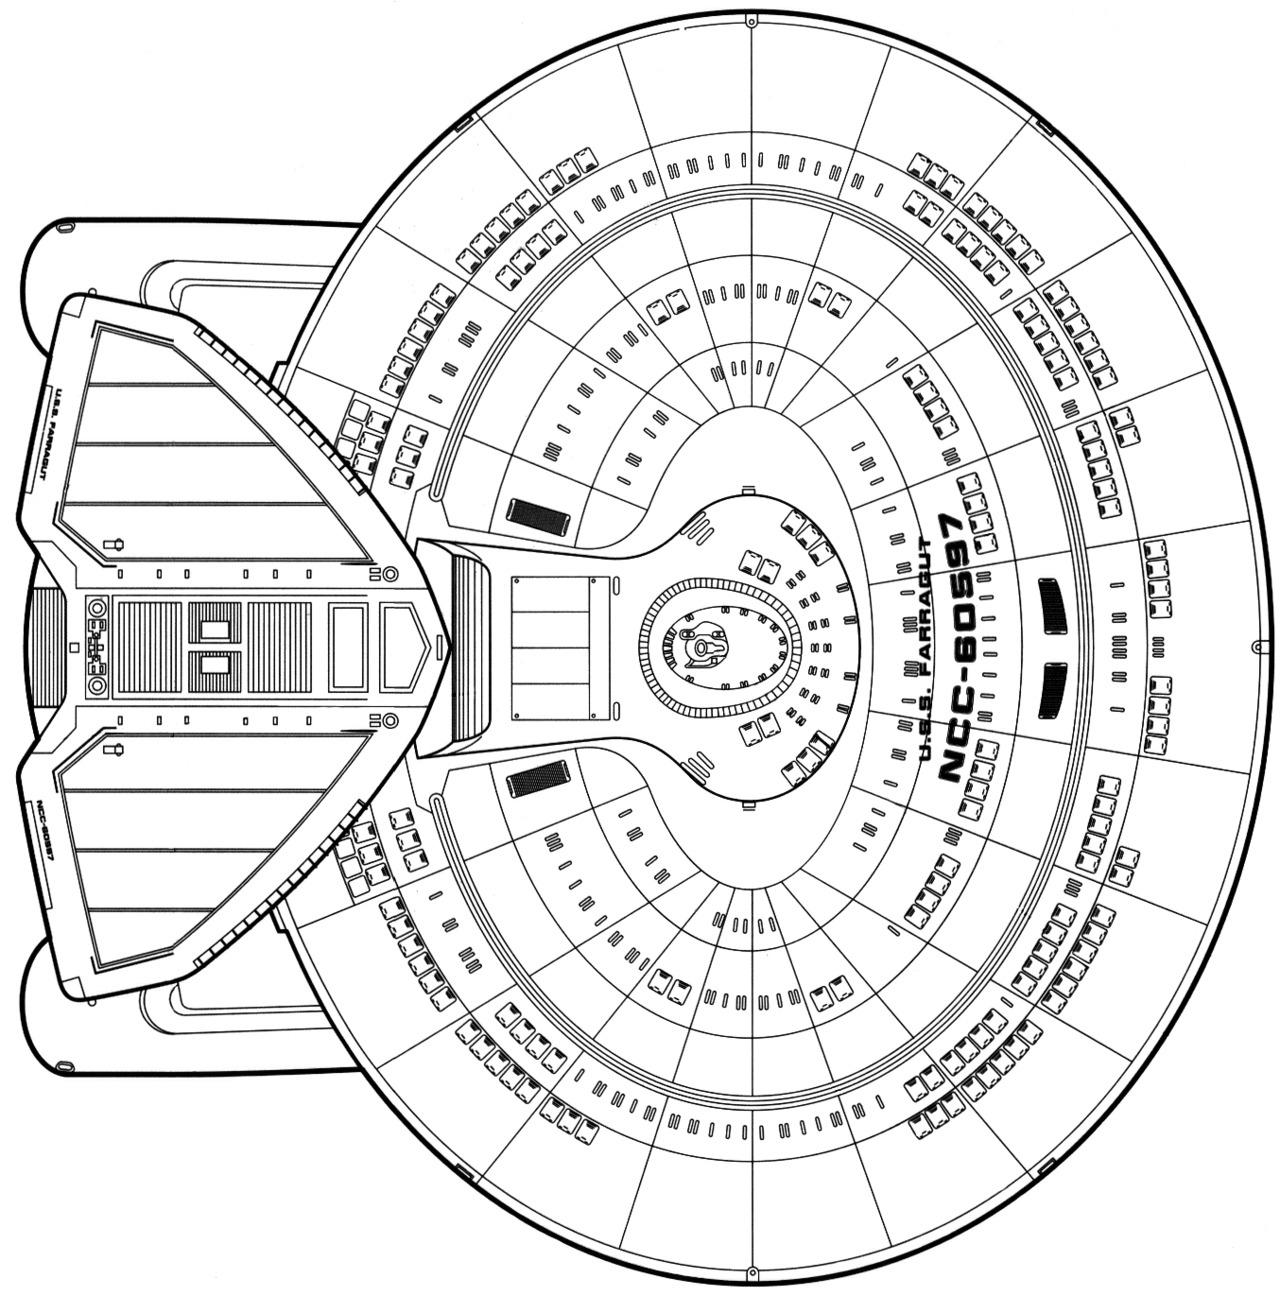 Starfleet Ships Nebula Class Dorsal Schematic